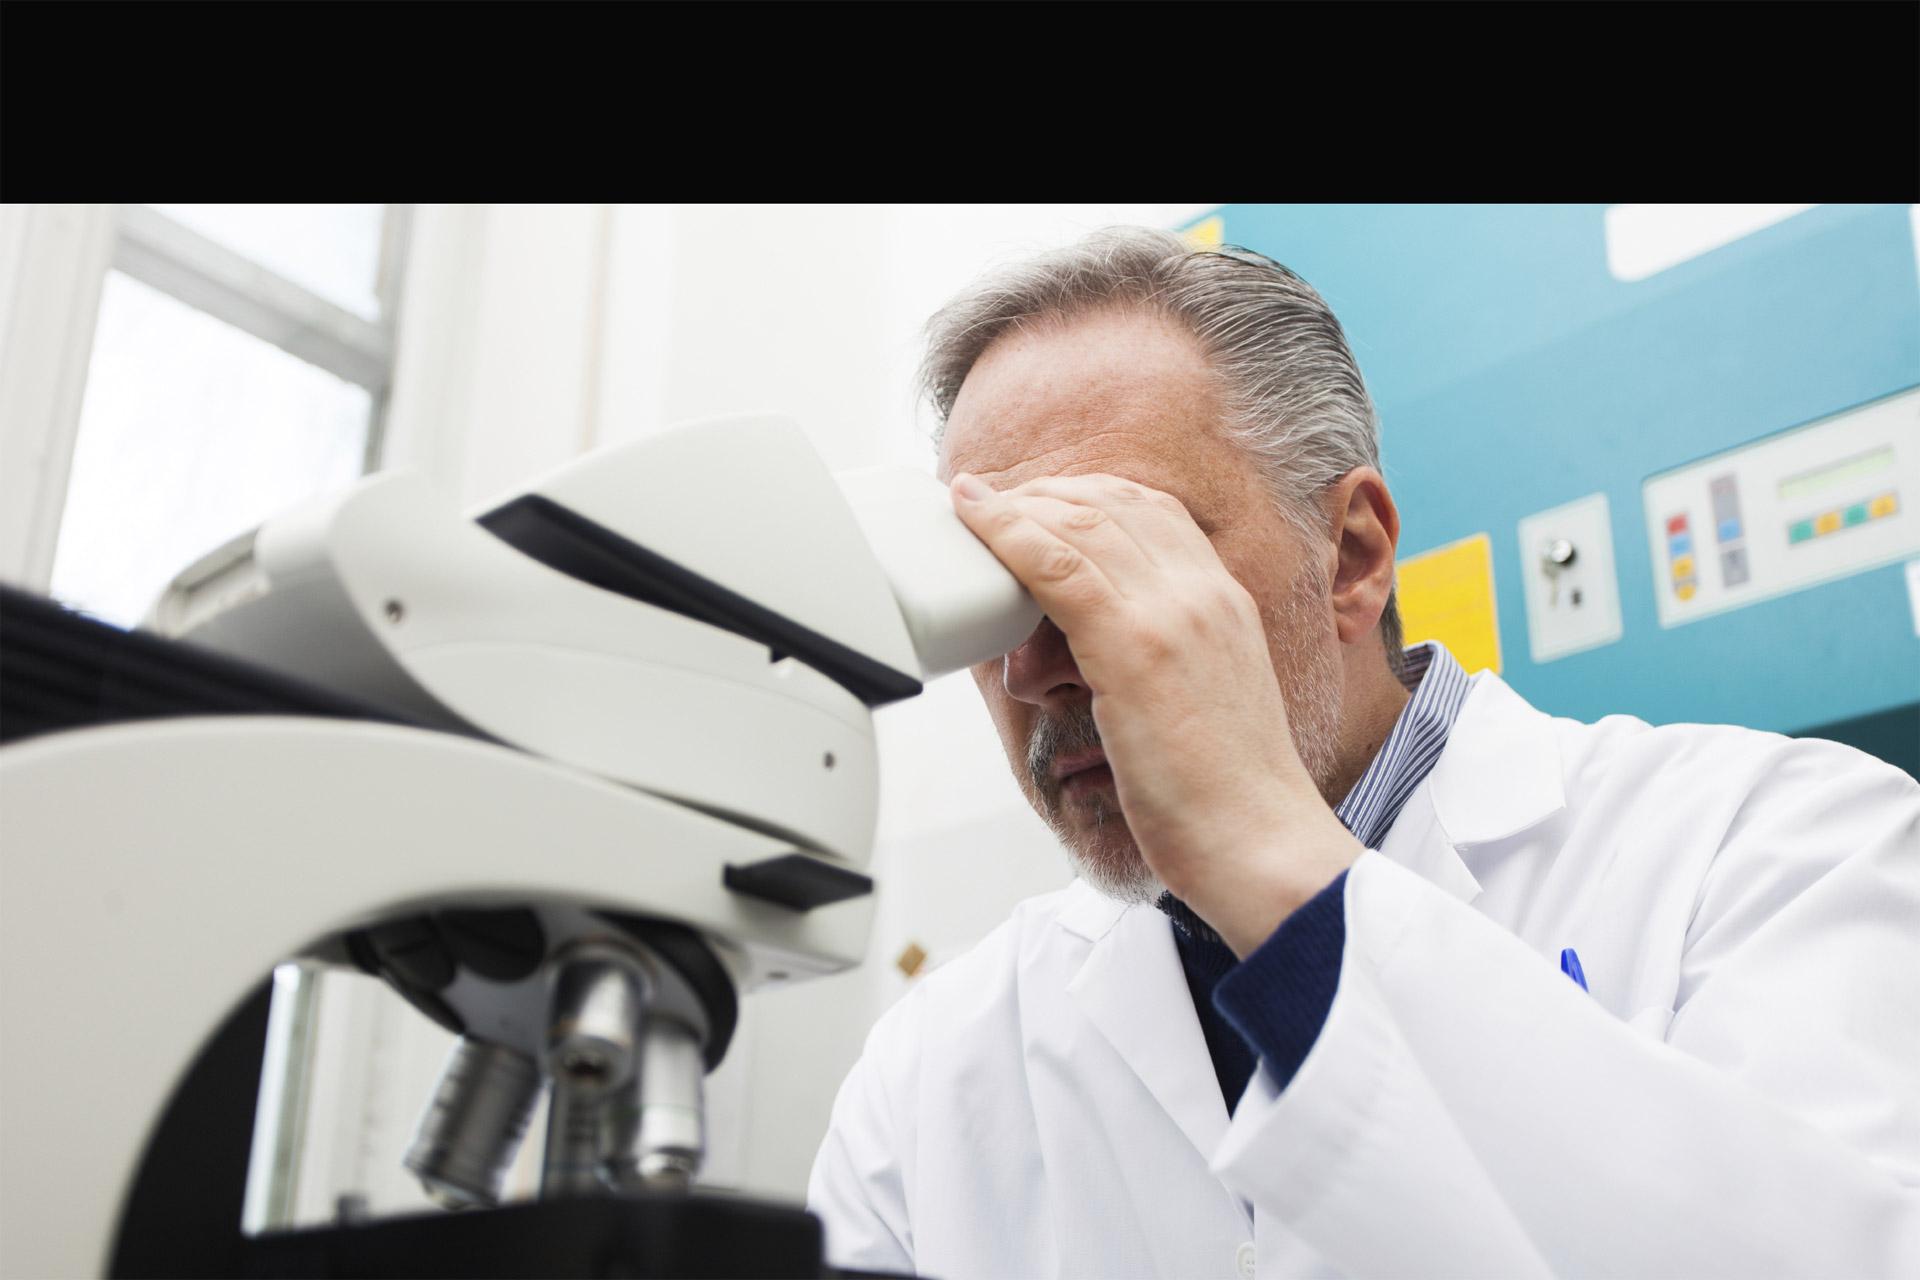 El examen se realiza a través de la saliva o sangre y comprueba las mutaciones en el ADN de las personas